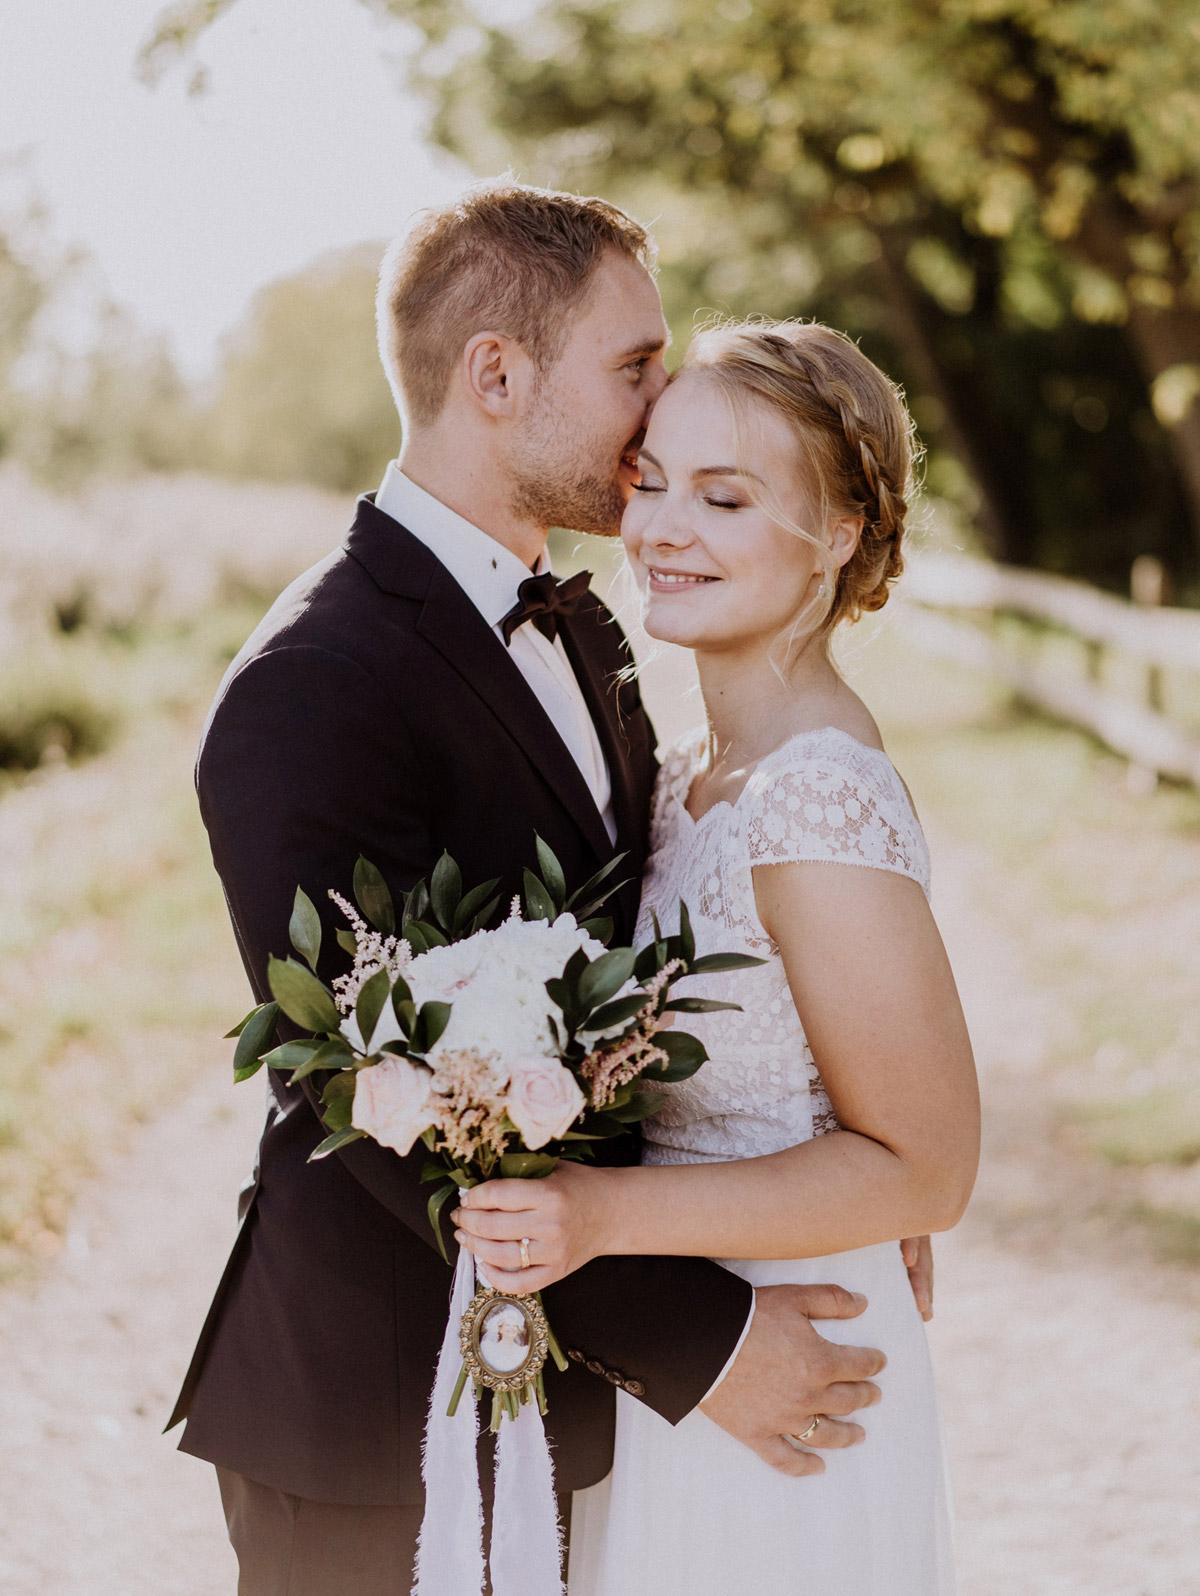 Garten Hochzeit Brautpaarfoto direkt nach freier Trauung auf Wiese; Brautstrauß weiß rosa mit Bild Mutter